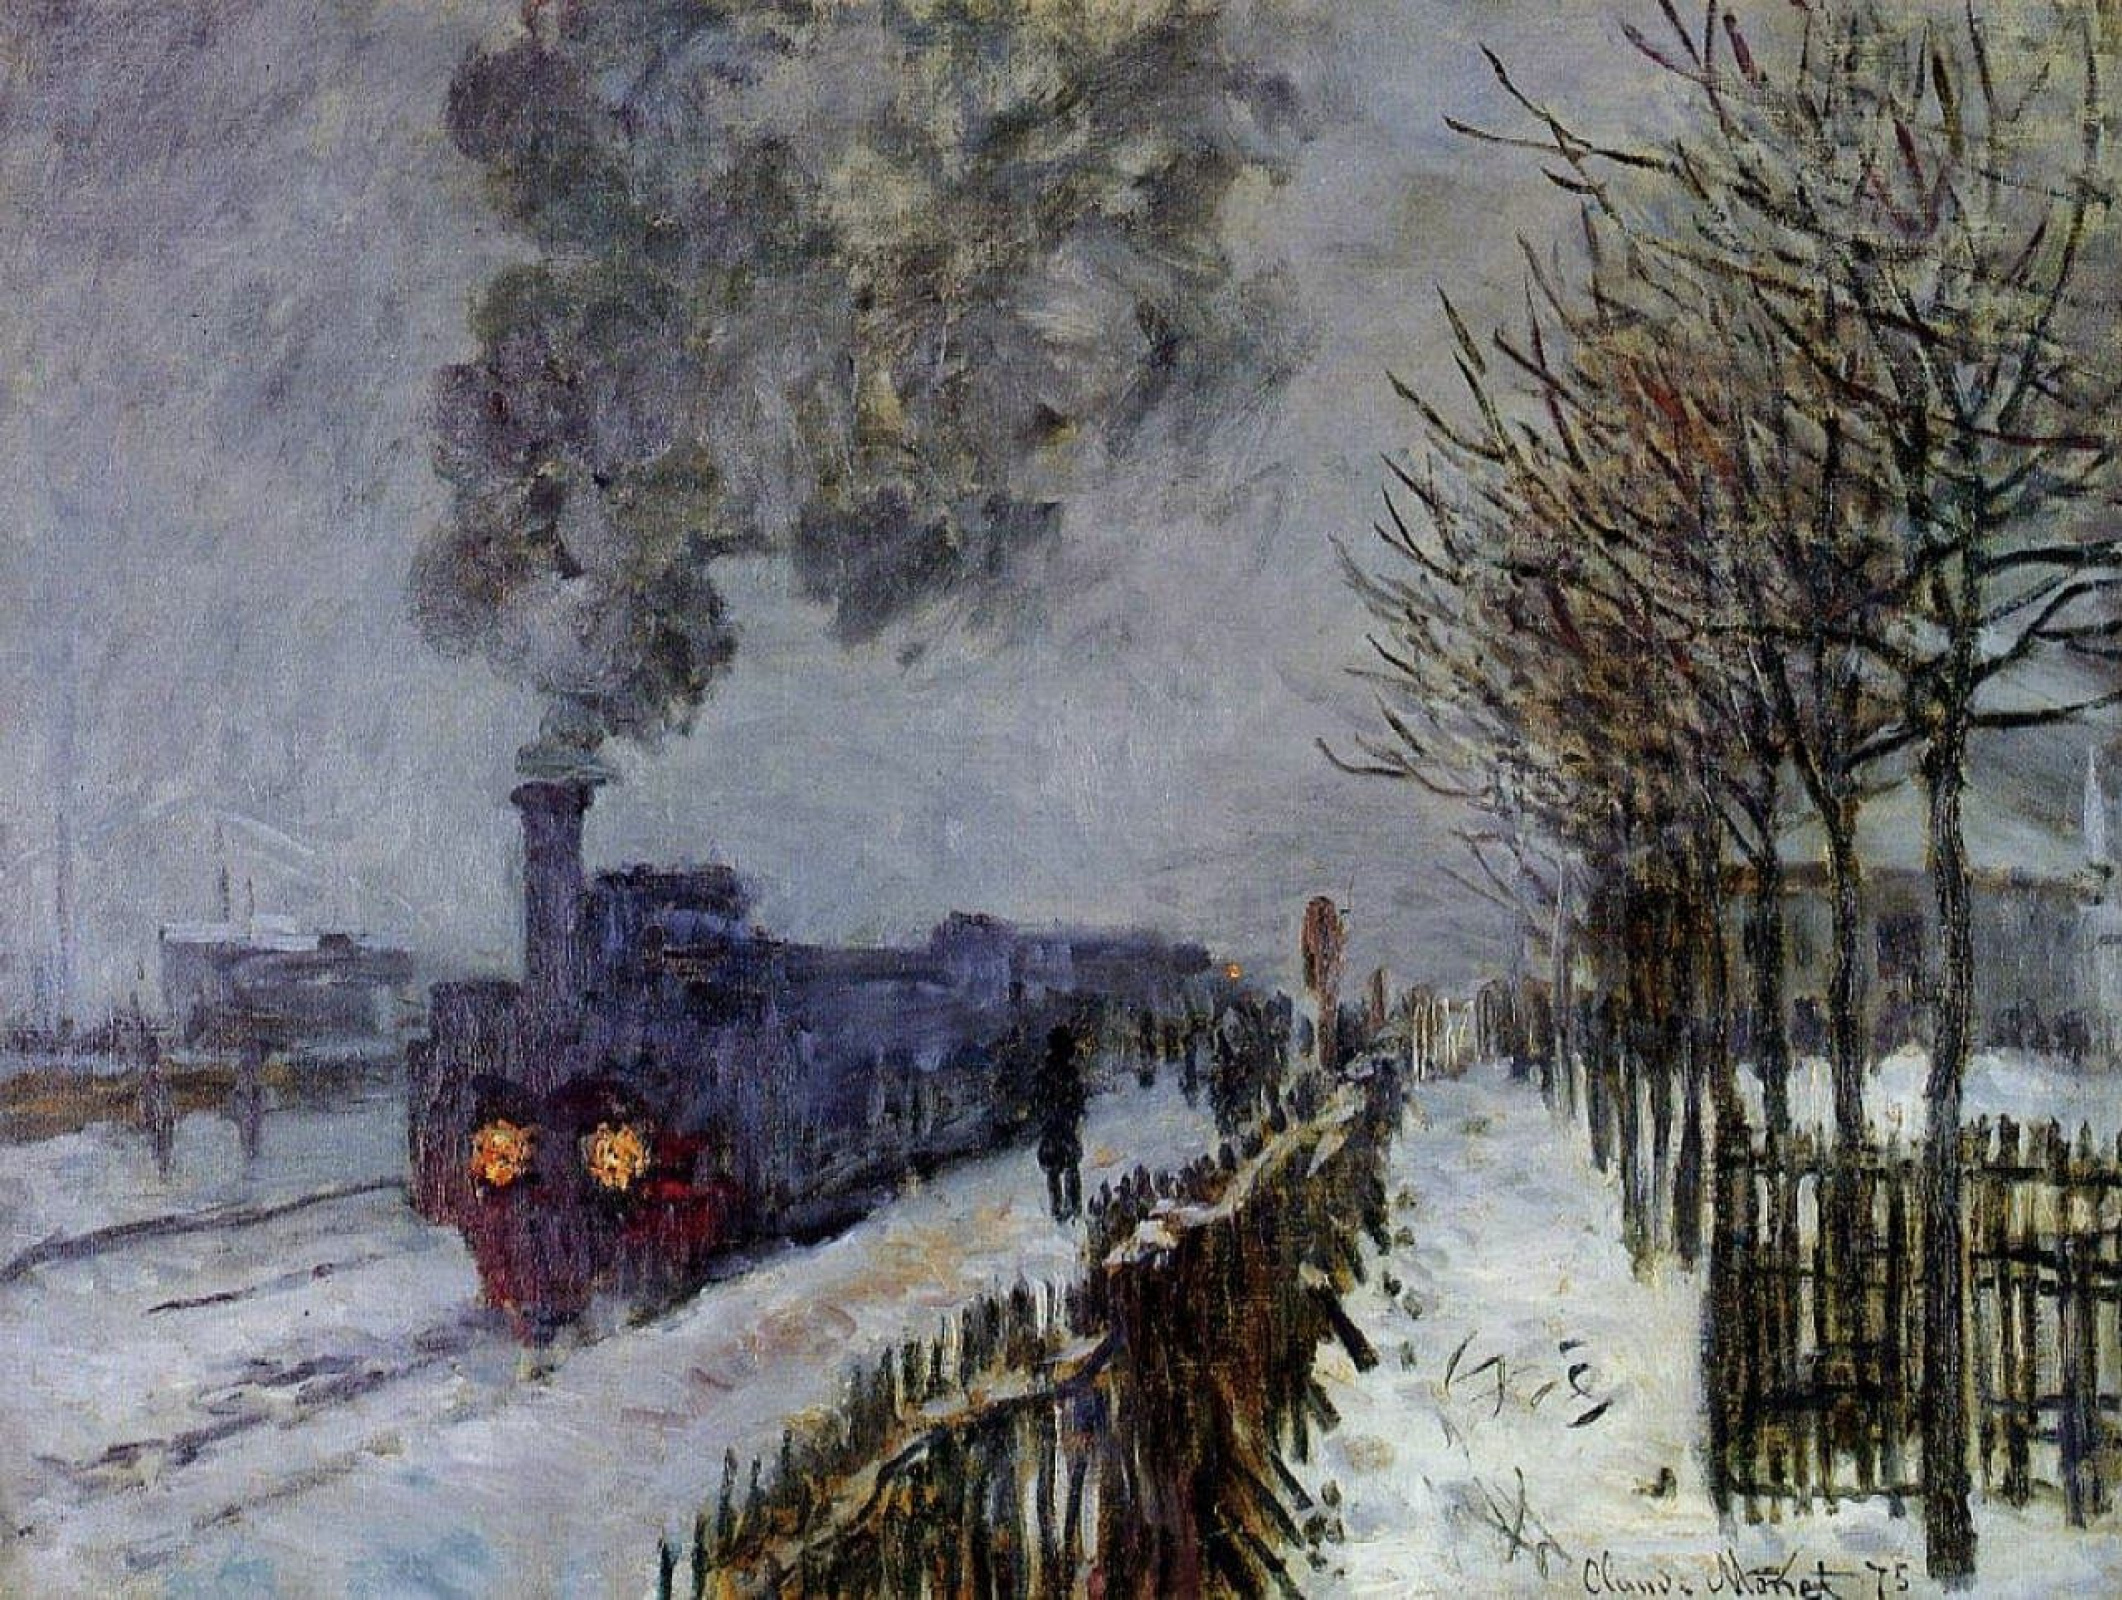 Клод Моне. Поезд в снегу (Локомотив)